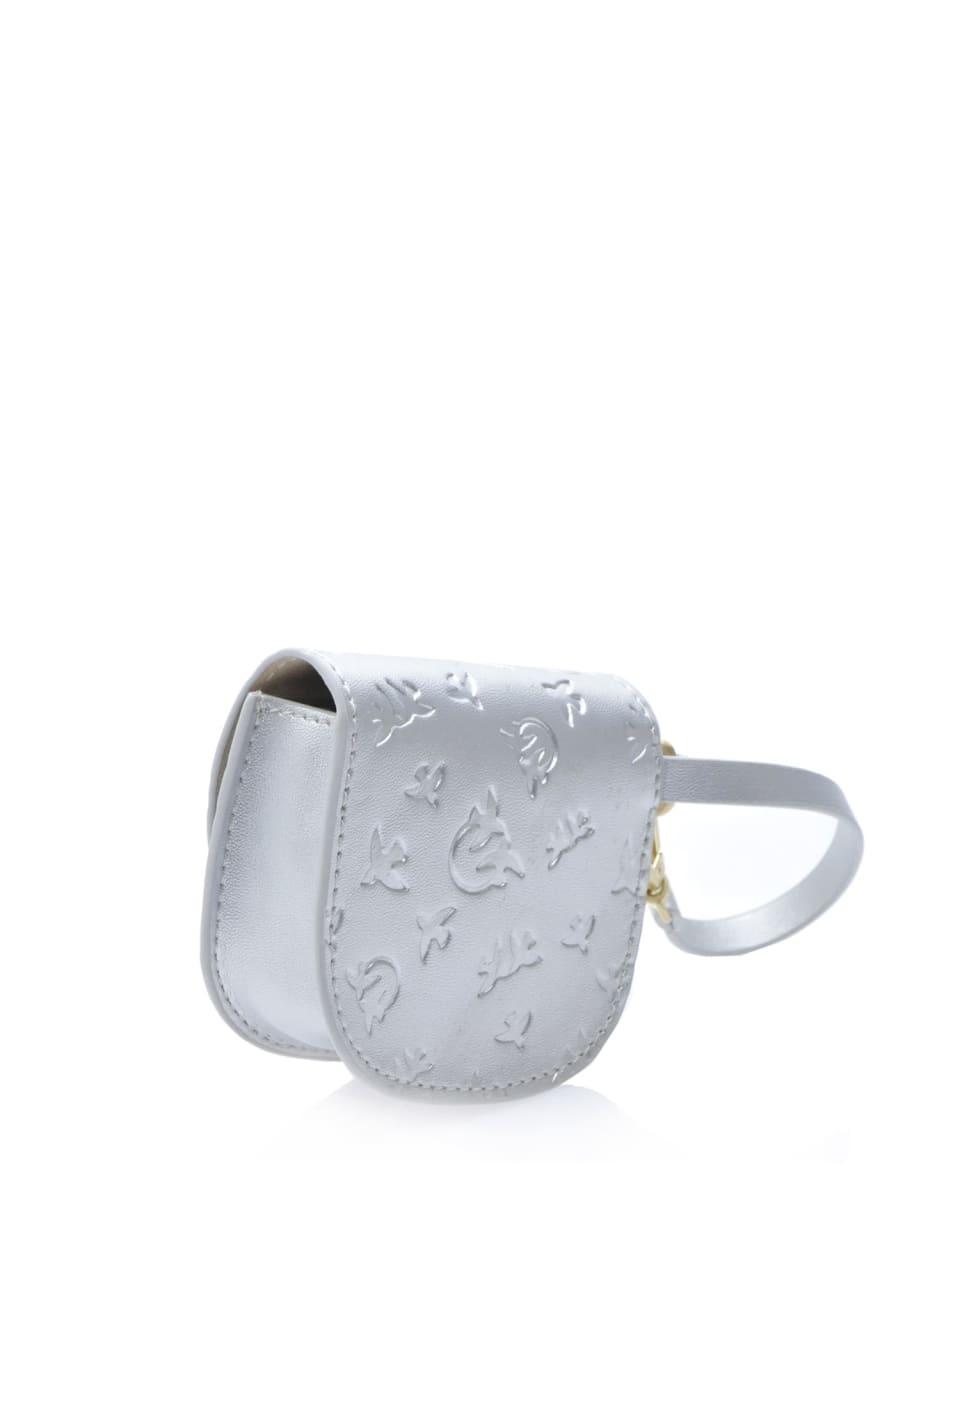 Baby Charm Bag en cuir lamé